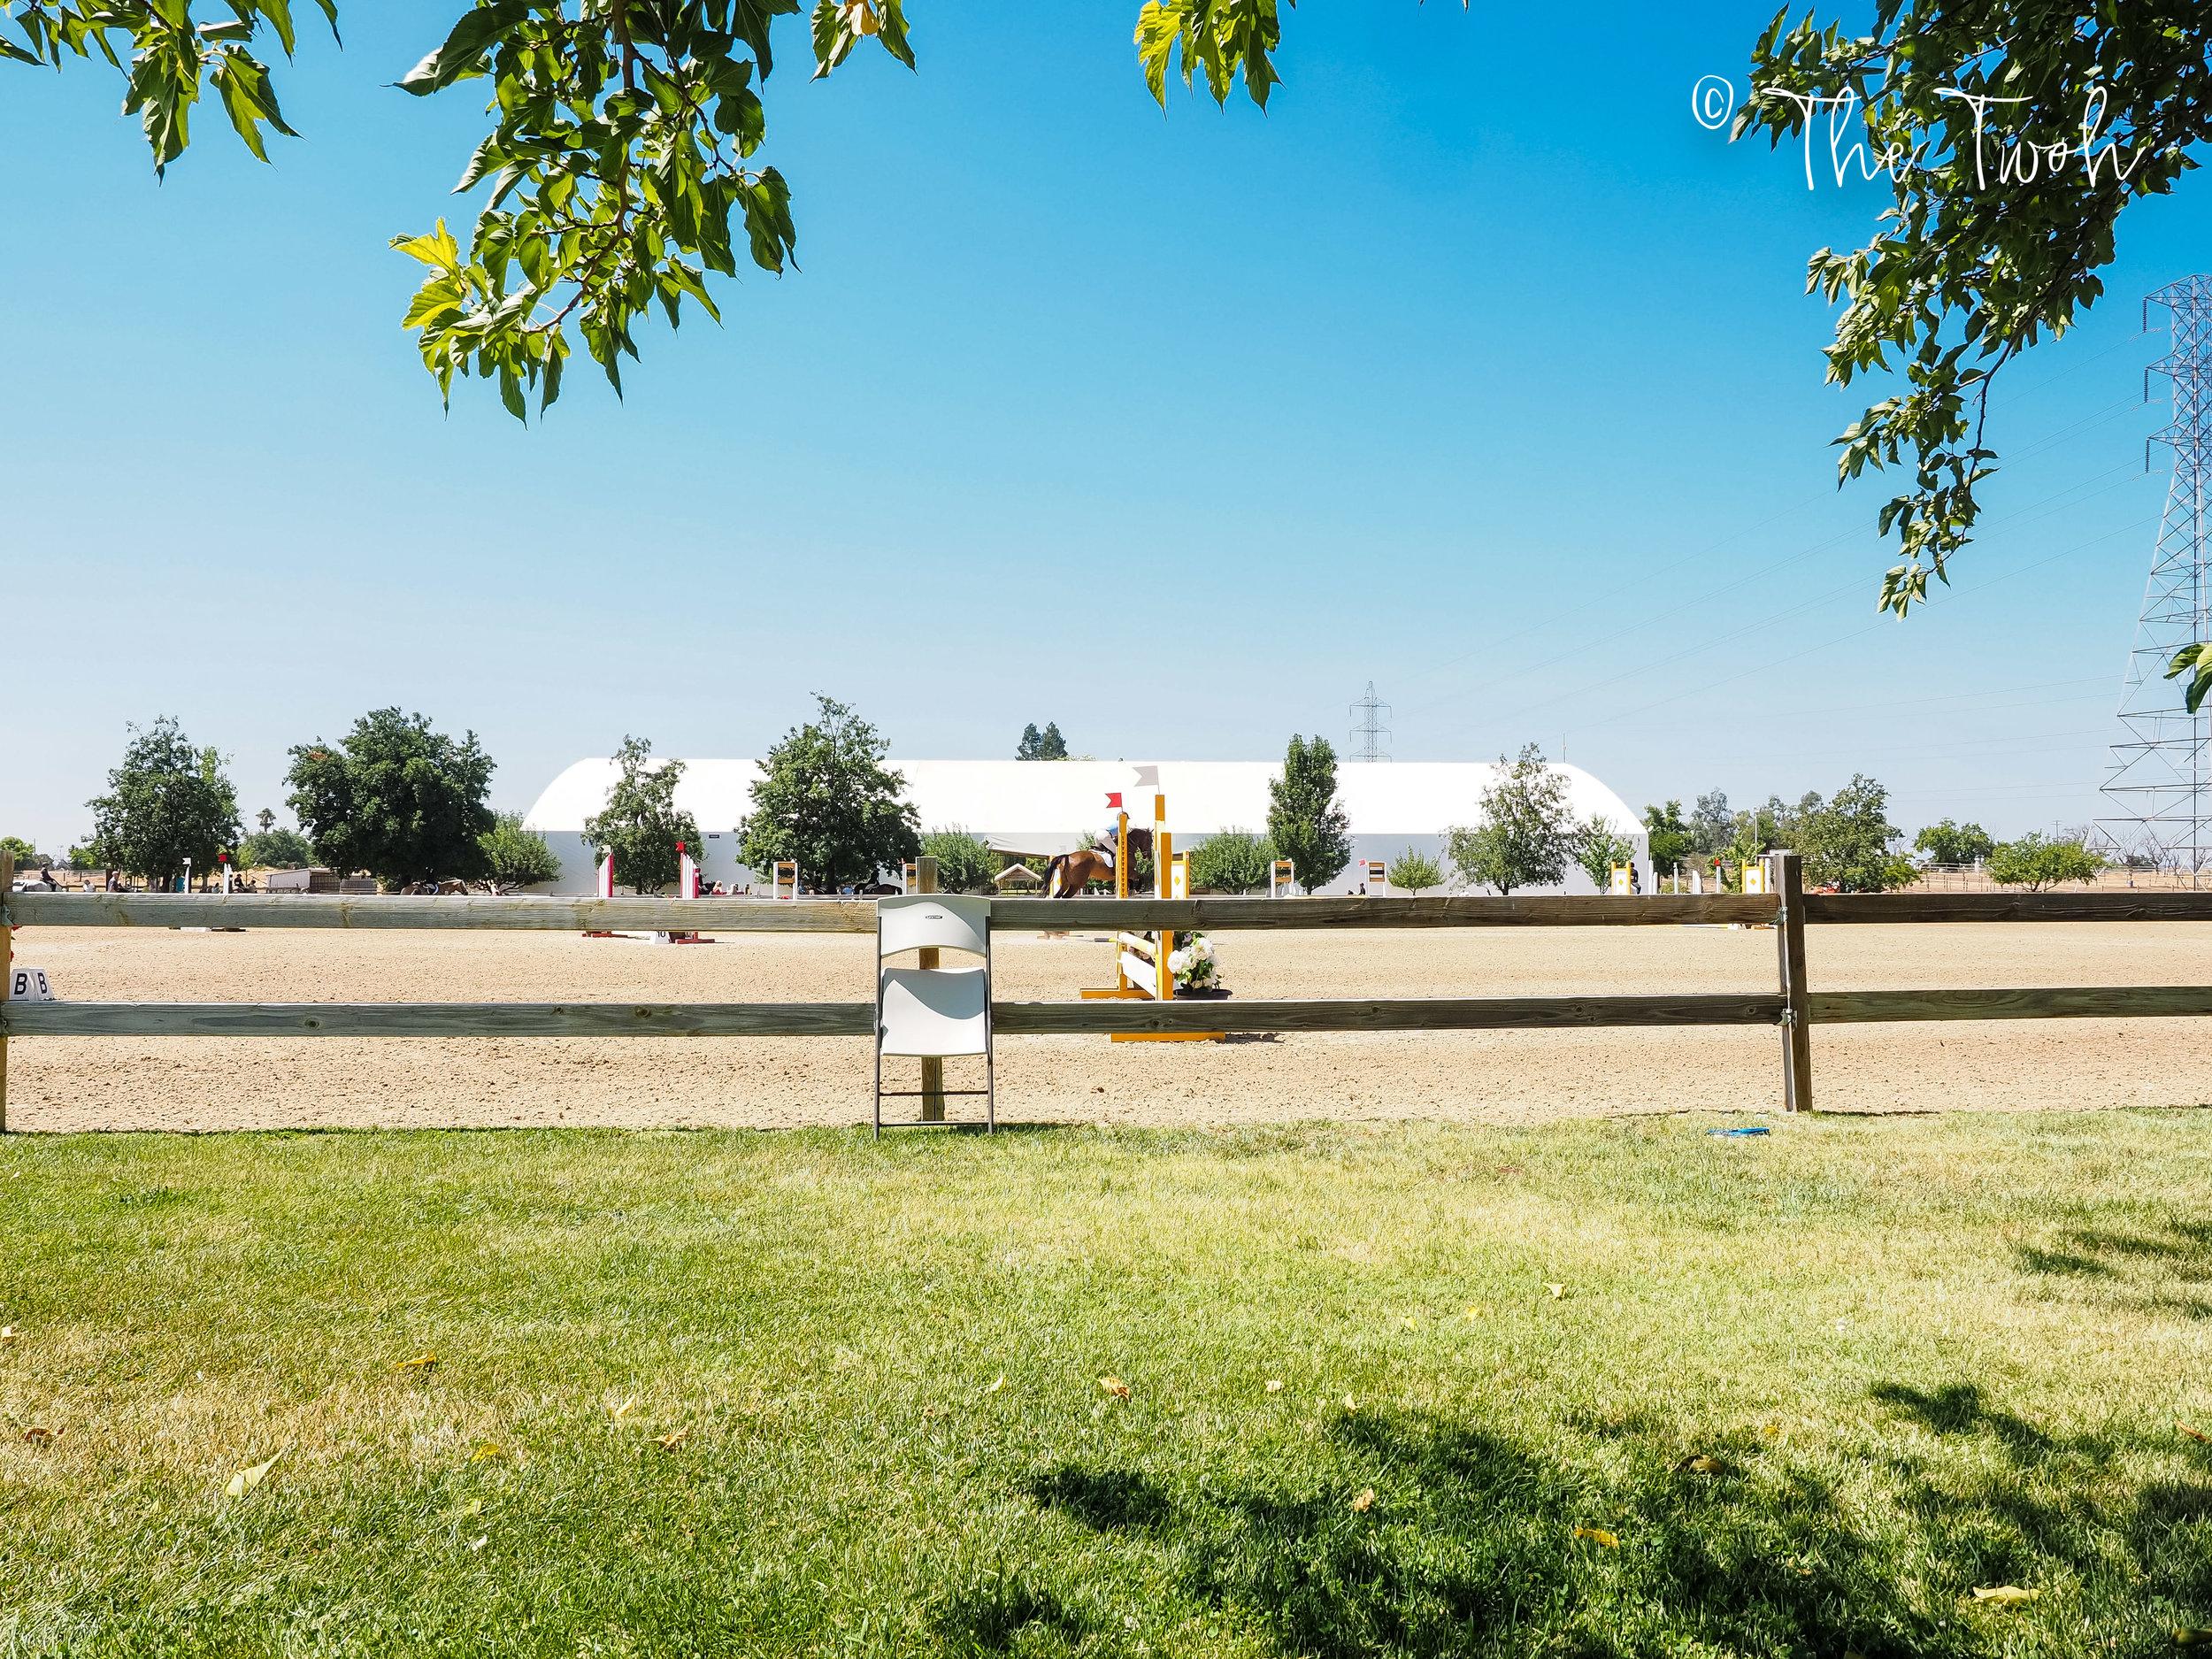 horse-show-weekend-4.jpg